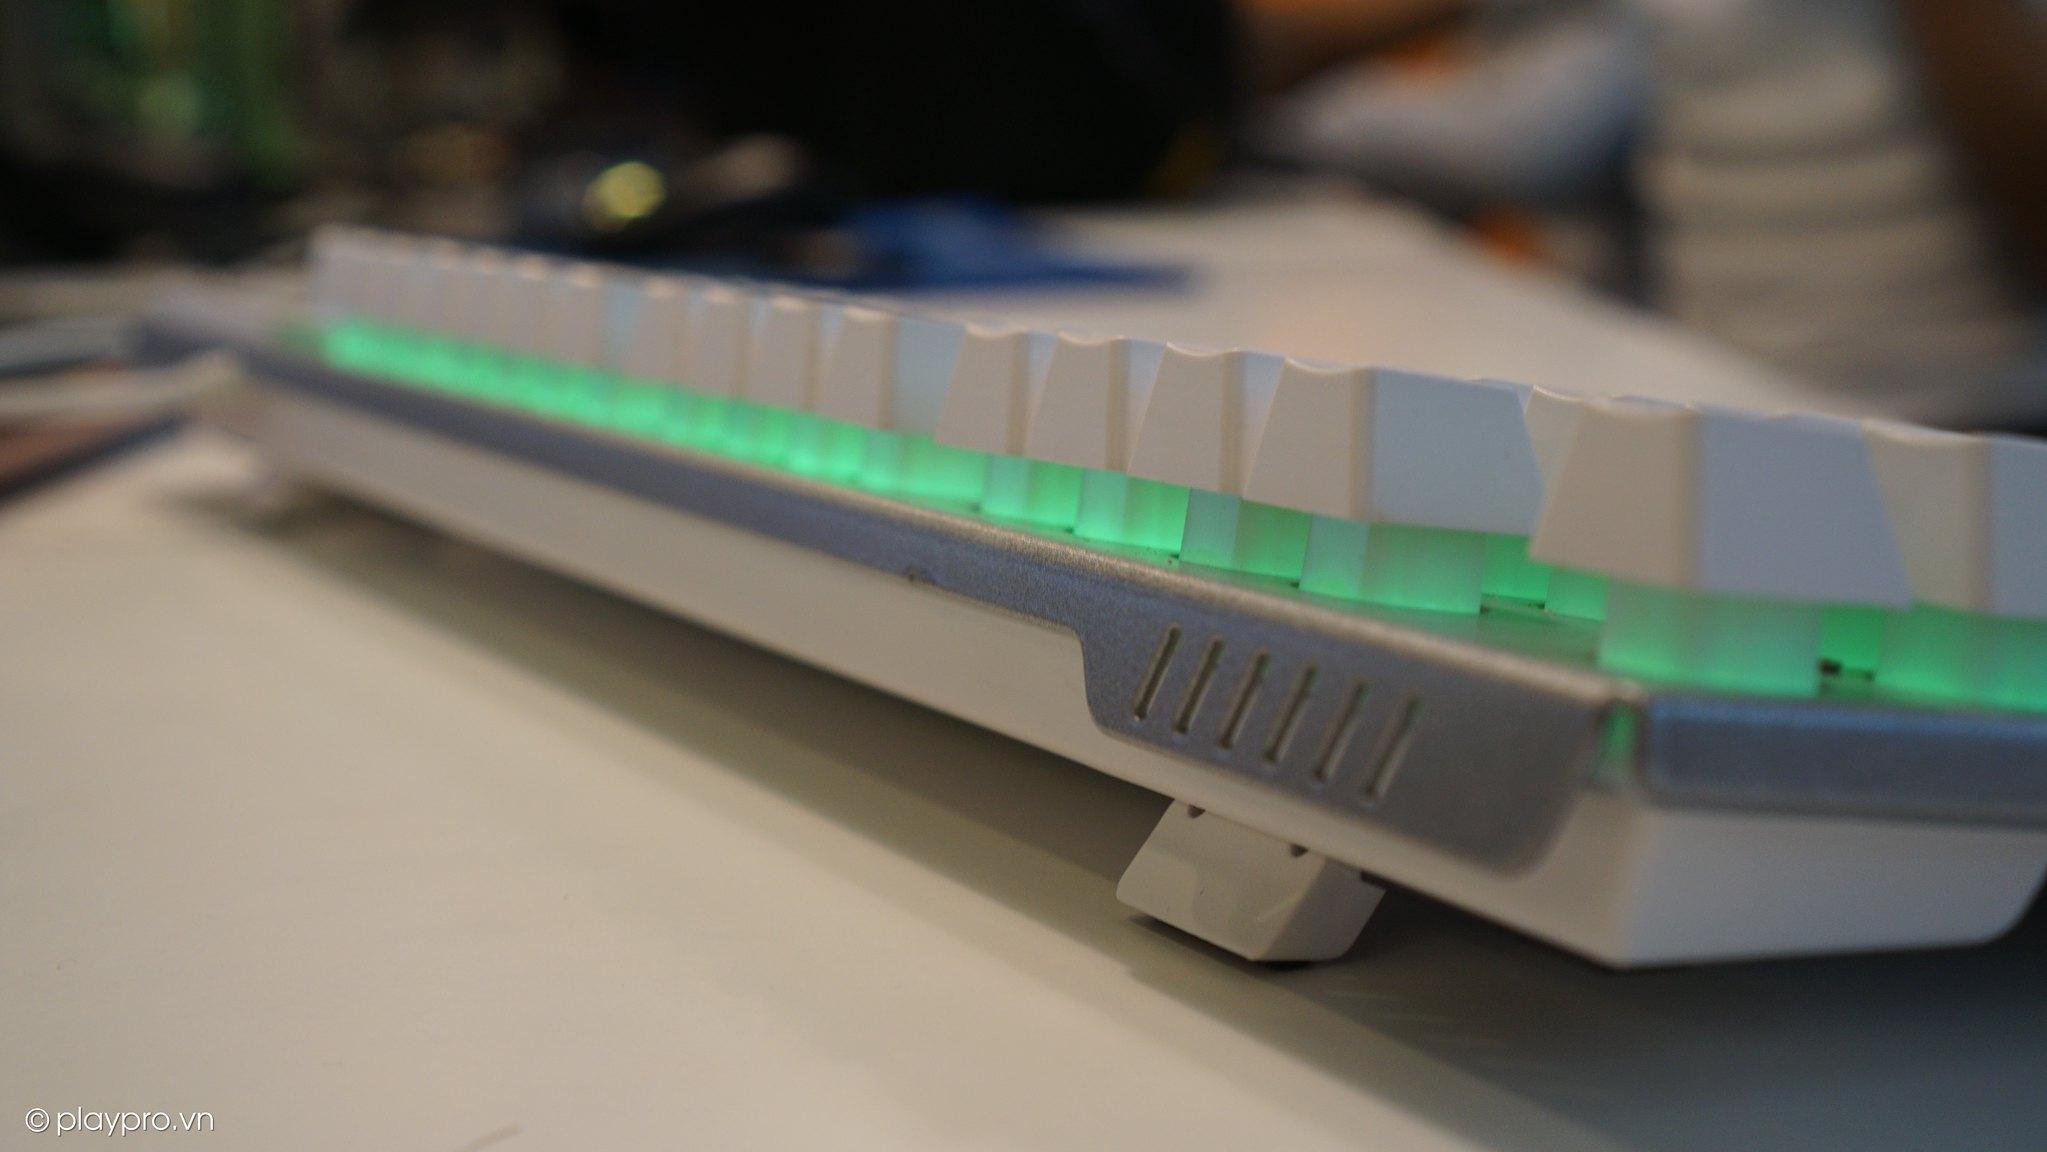 Đánh giá nhanh I-Rocks K62E: Chiếc phím bền, đẹp mà giá lại phải chăng